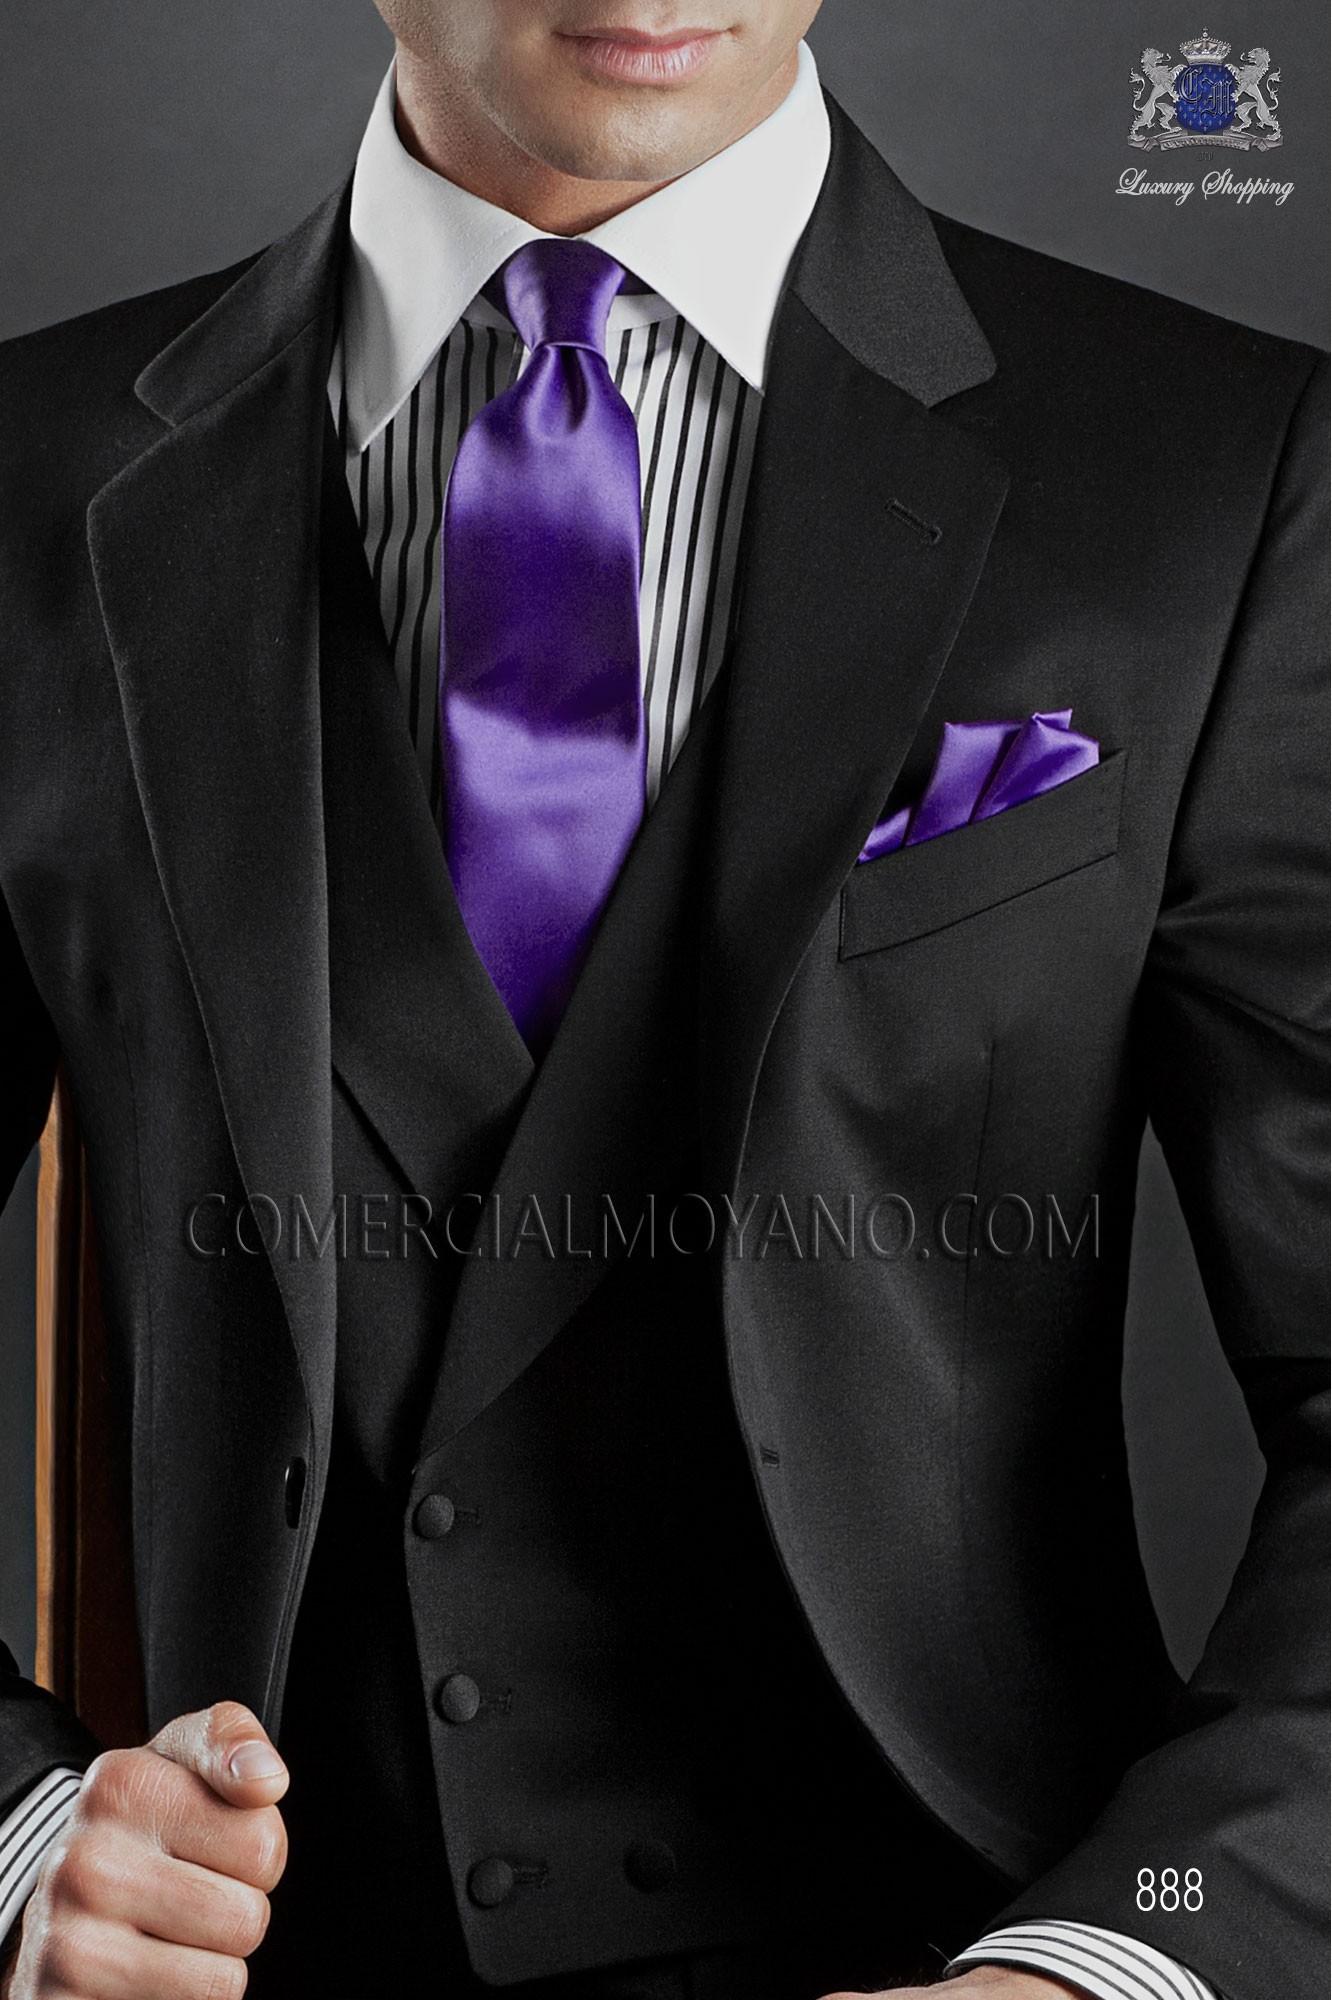 Traje Gentleman de novio negro modelo: 888 Ottavio Nuccio Gala colección Gentleman